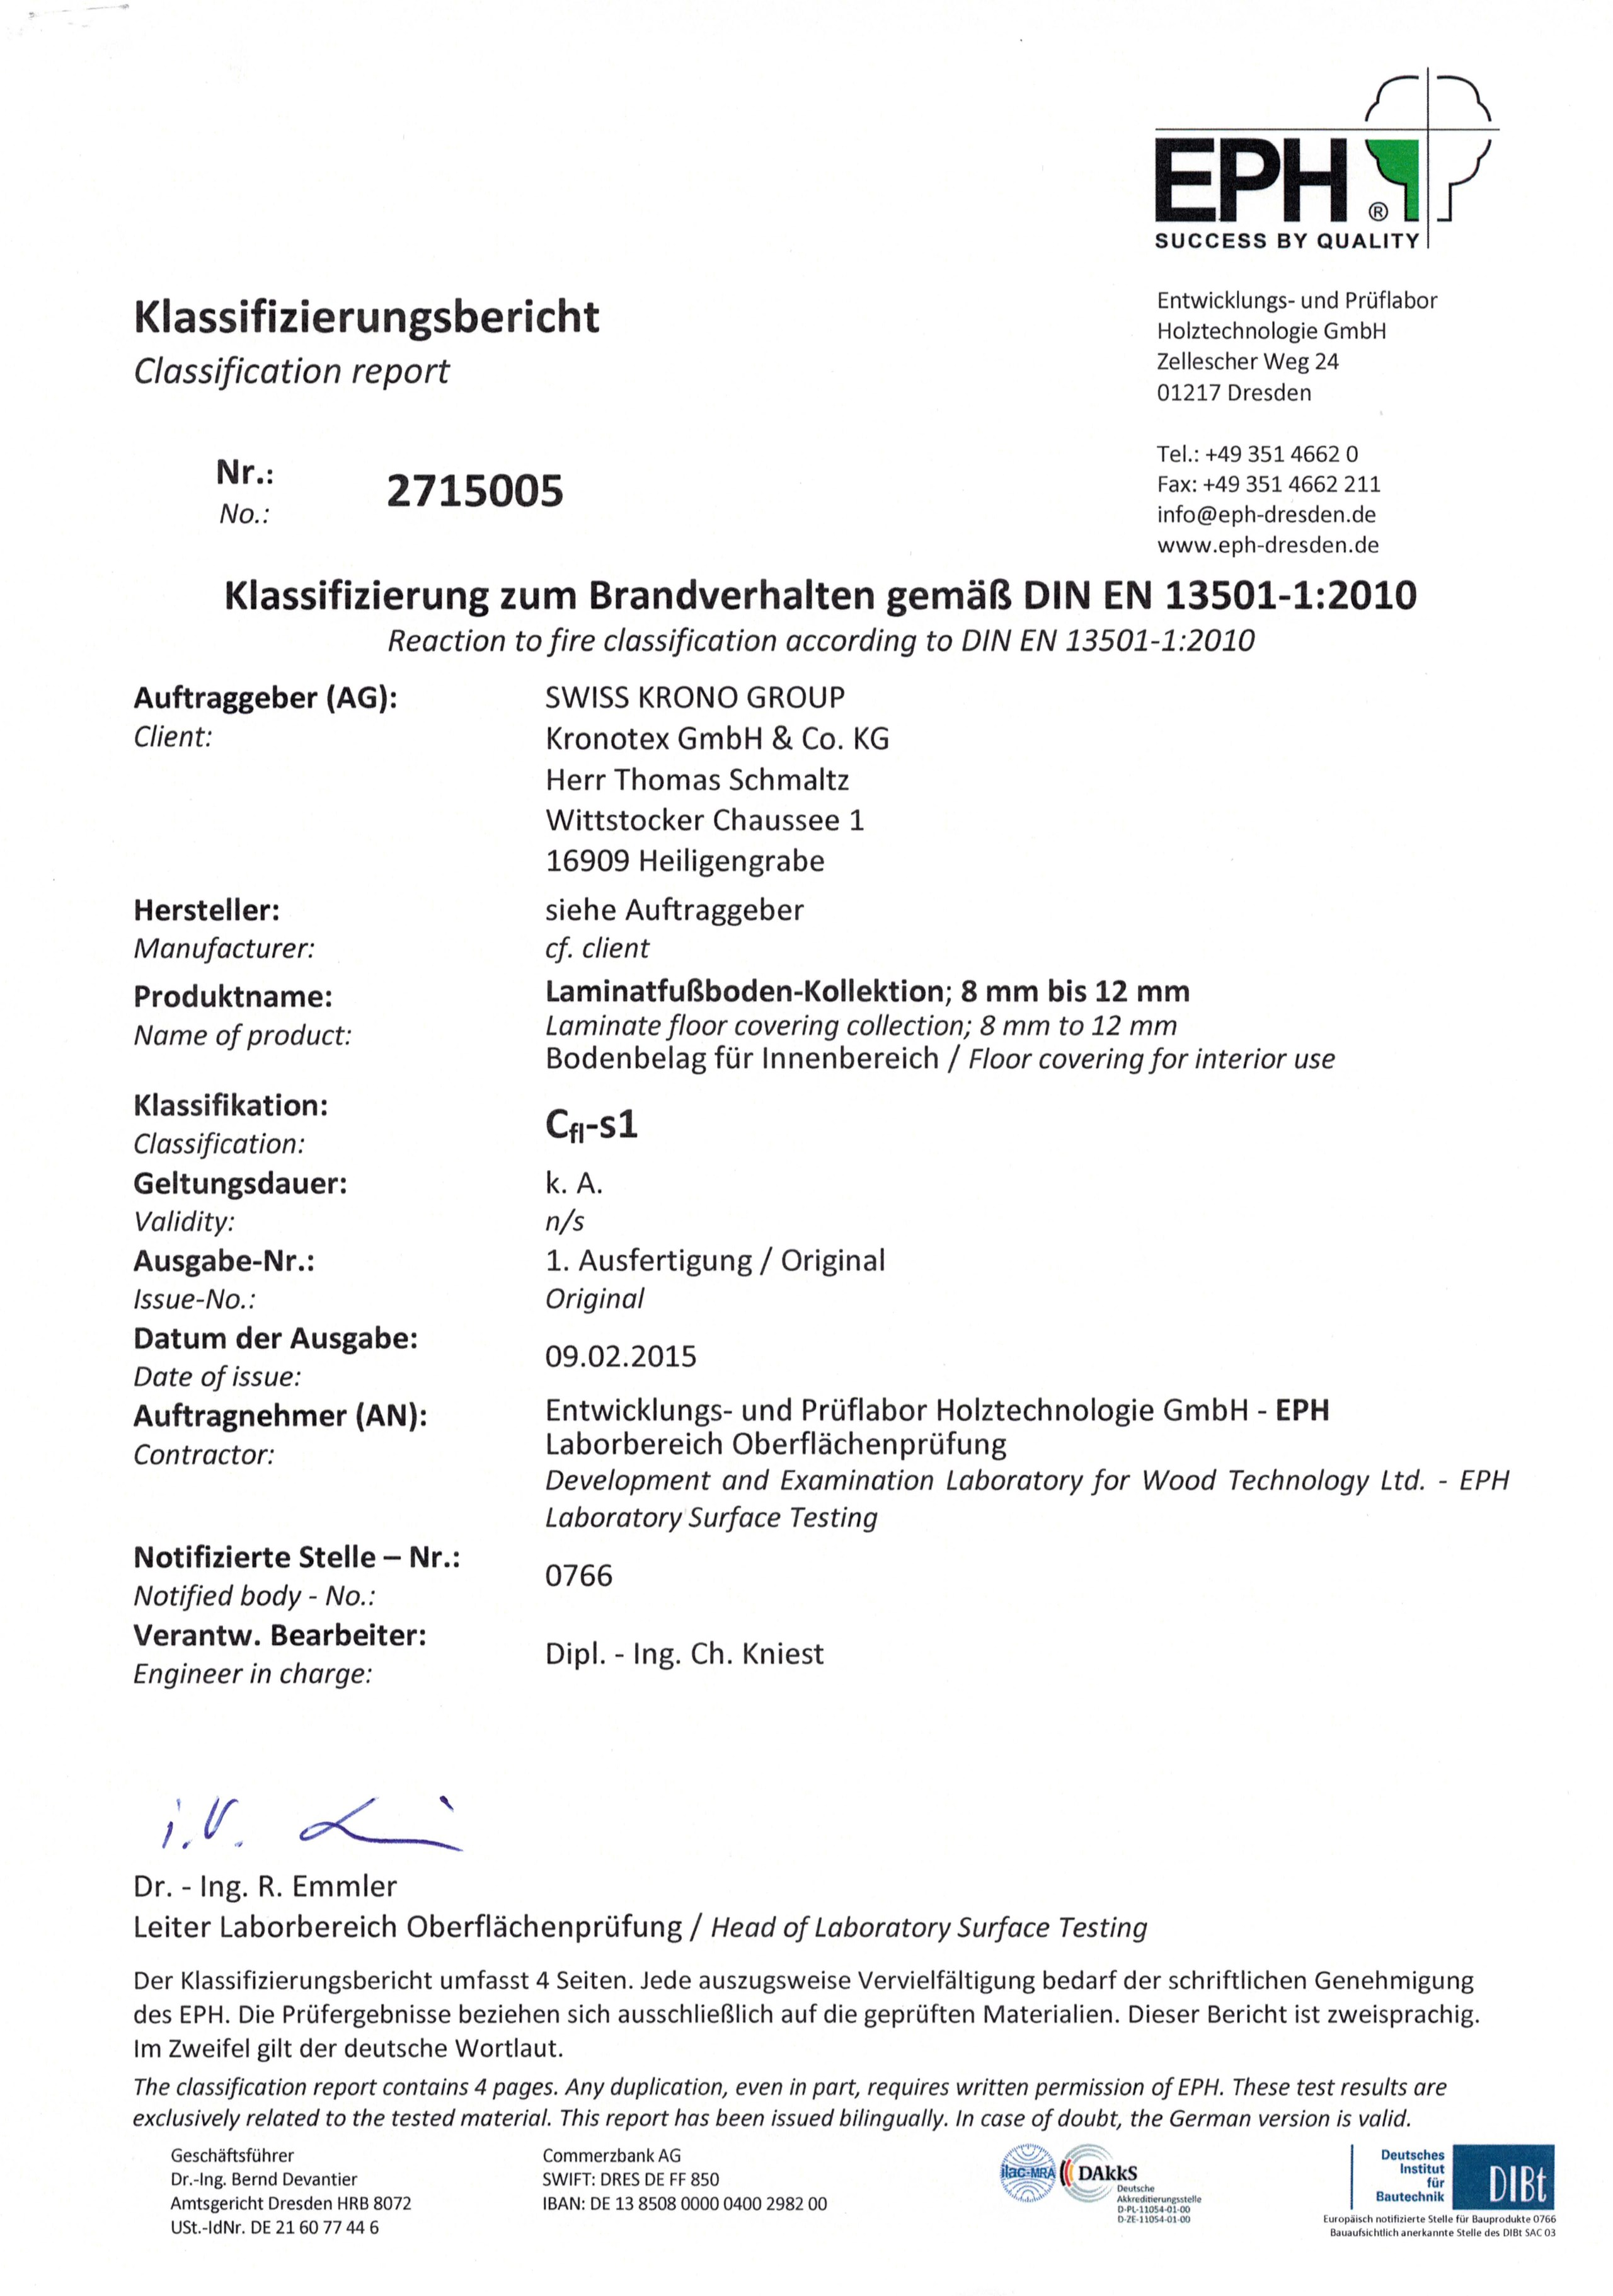 Klassifizierungsbericht-fire-res_8-12mm_2015_頁面_1